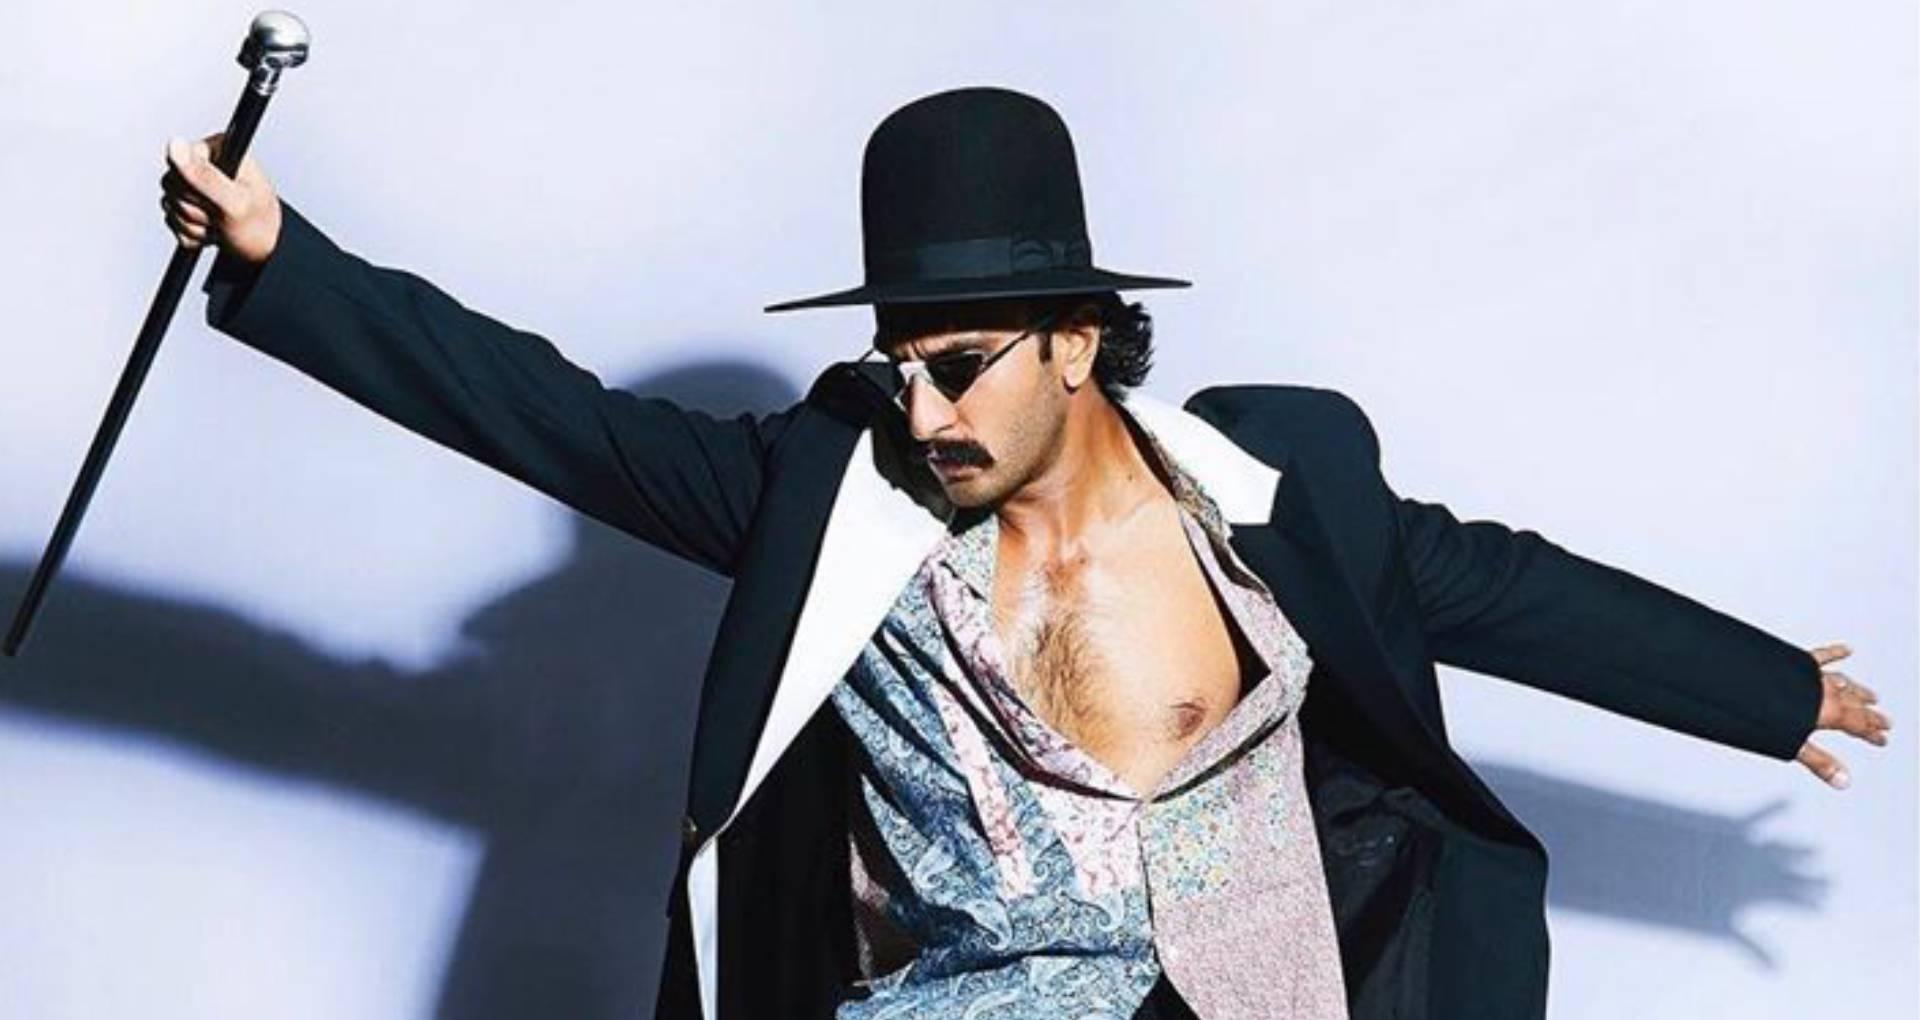 1 लाख 60 हज़ार का है रणवीर सिंह का यह जैकेट, सेफ्टीपिन वाले डिज़ाइन के चश्में की कीमत भी है हज़ारों में